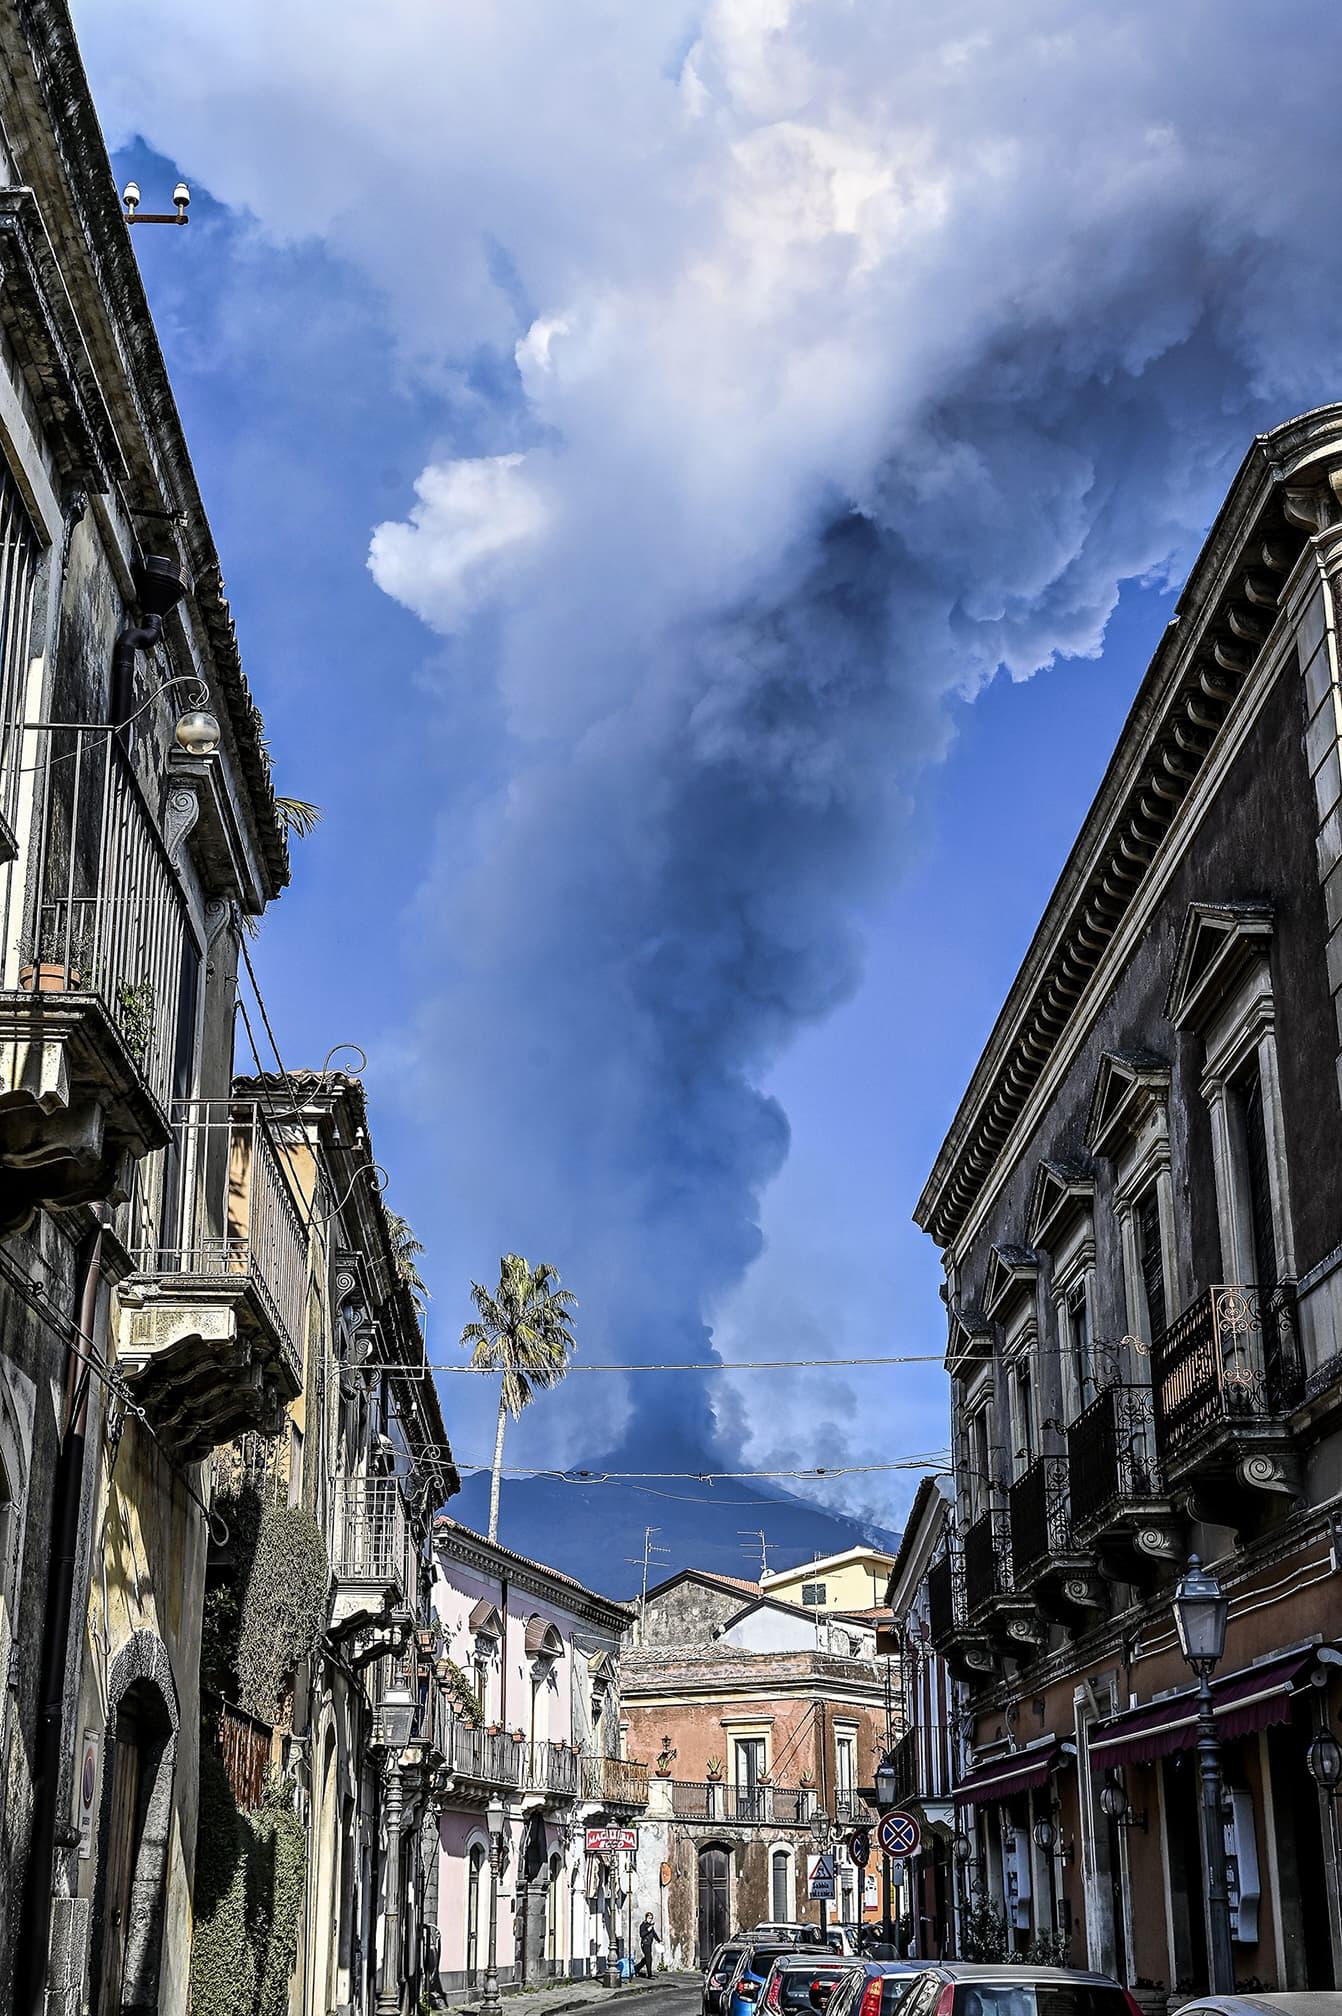 L'erupció de l'Etna vista des d'un carrer de Trecastagni, el 19 de febrer. Fotografia de Fabrizio Villa. Getty Images.